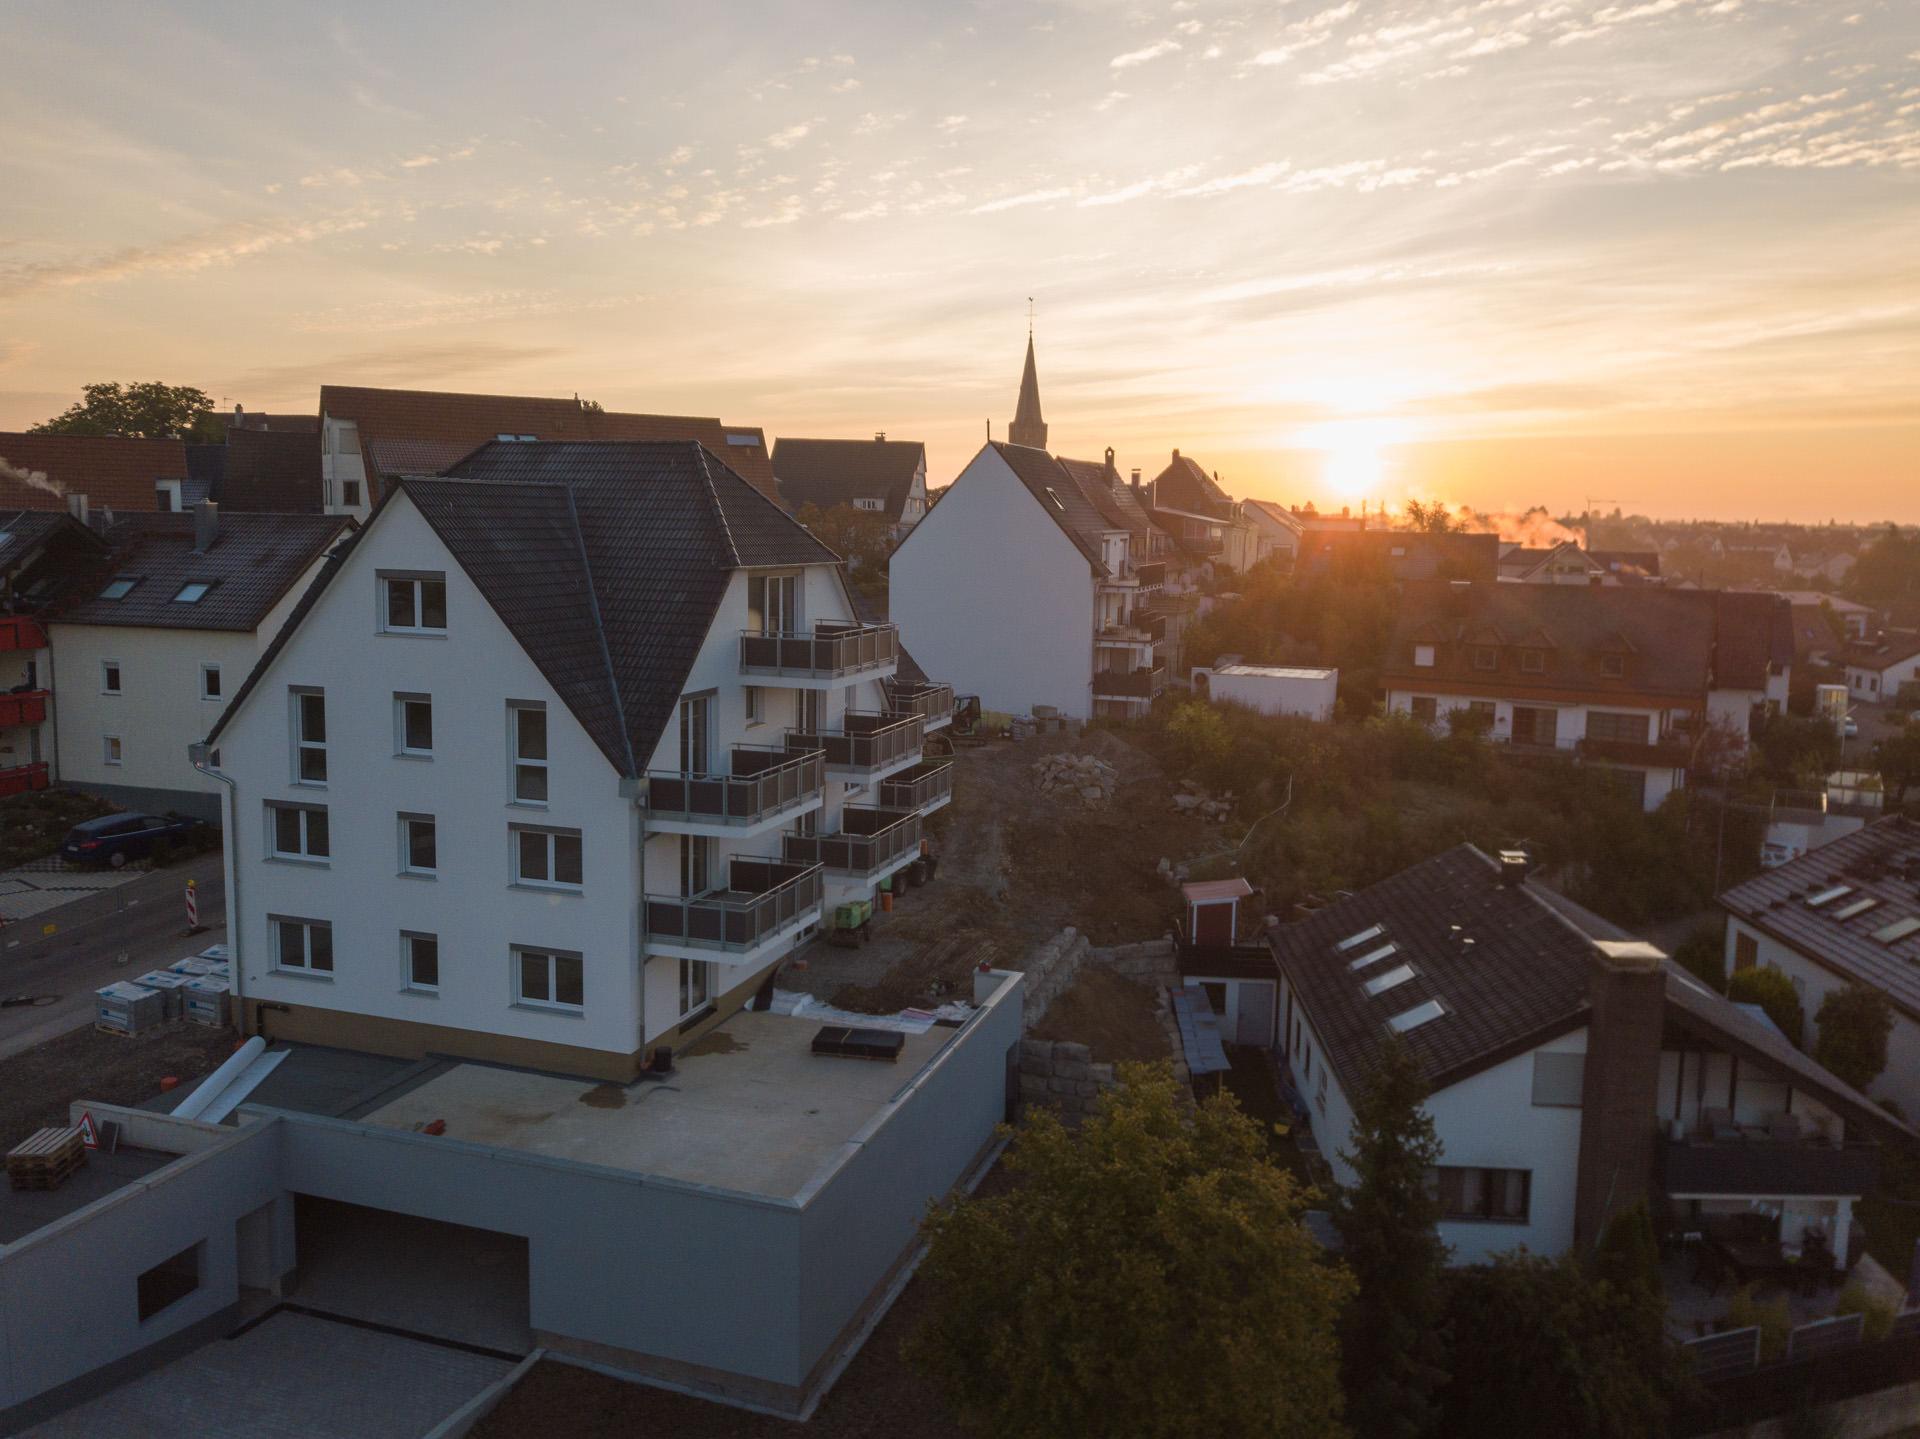 Wohnbau-Hausser_News_Rutesheim_PforzheimerStr_2021_10_11-01